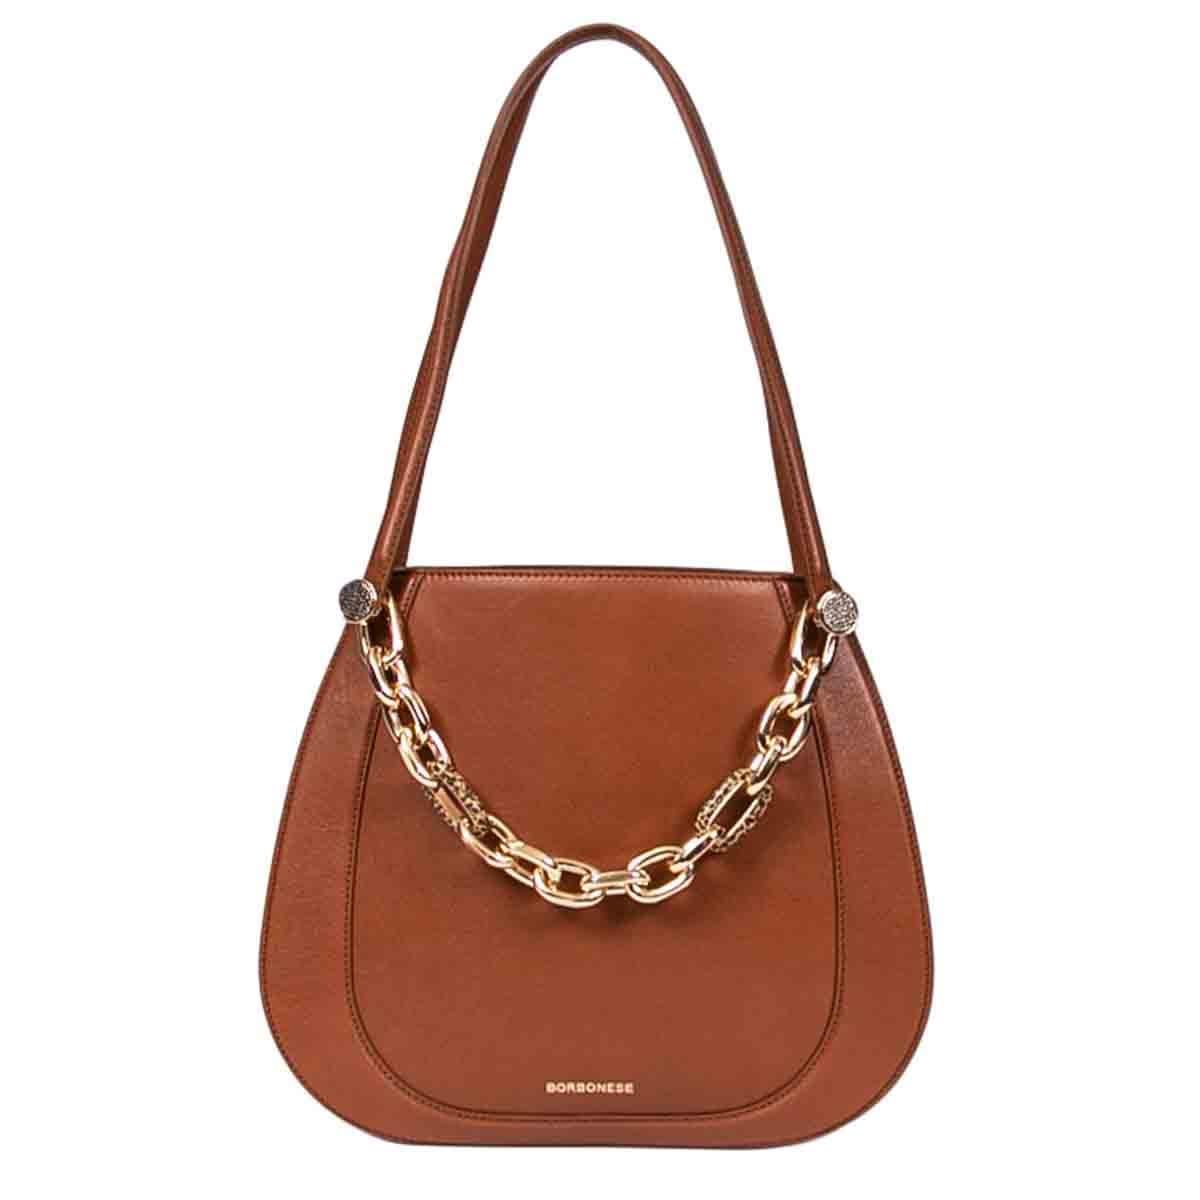 Medium Arquette Shopping Bag